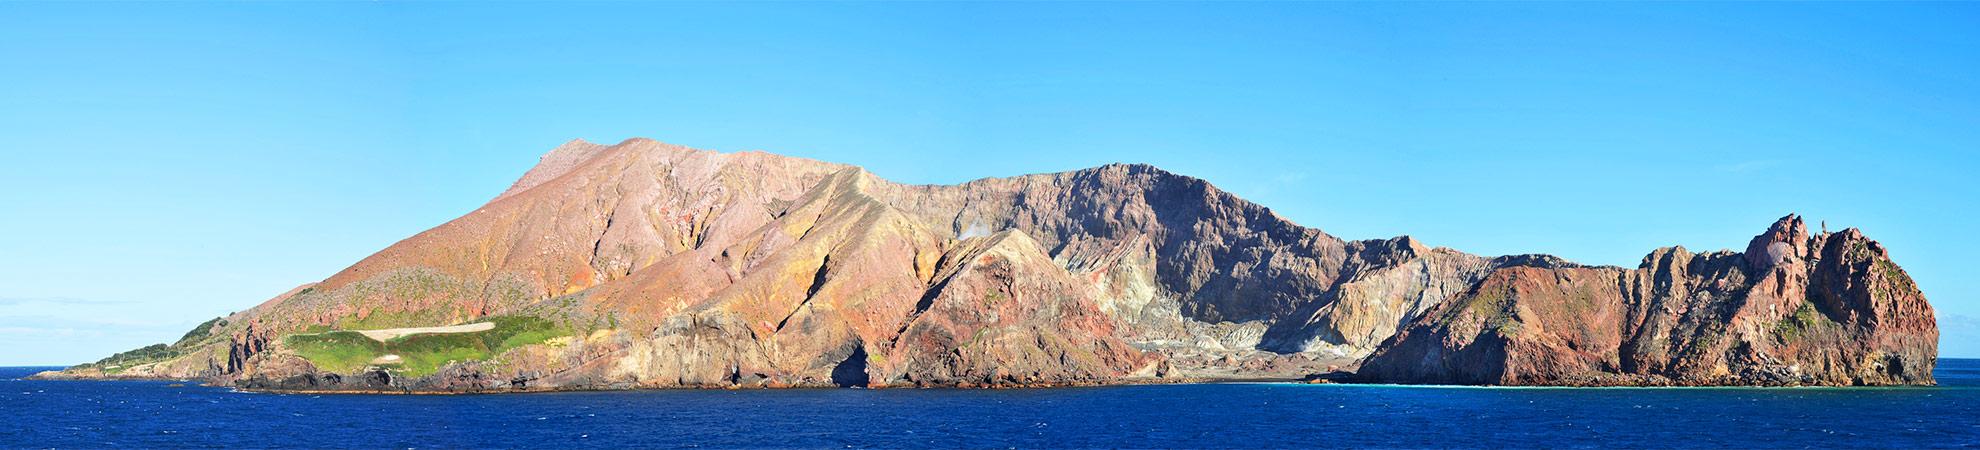 L'île volcanique de White Island